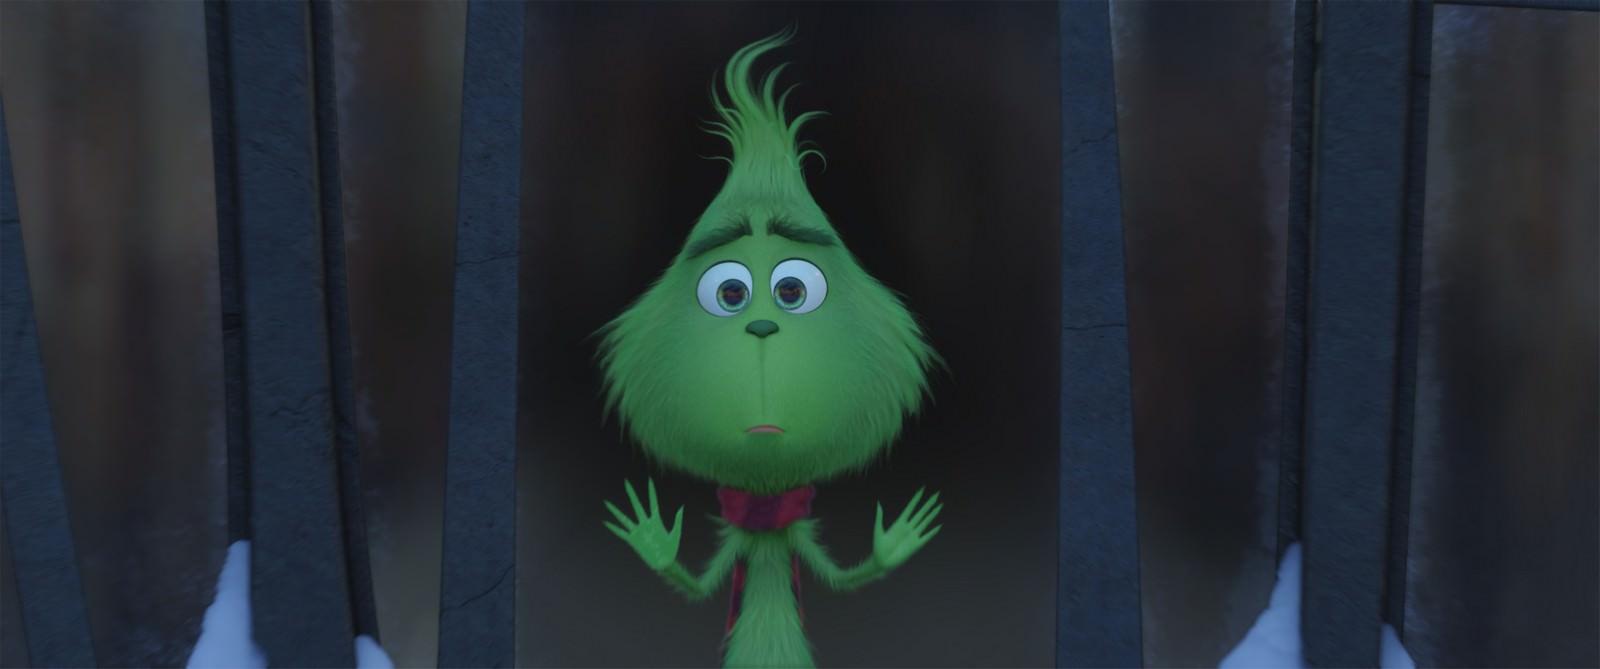 Movie, The Grinch(美國, 2018年) / 鬼靈精(台灣) / 绿毛怪格林奇(中國) / 聖誕怪怪傑(香港), 電影劇照, 電影角色與配音介紹